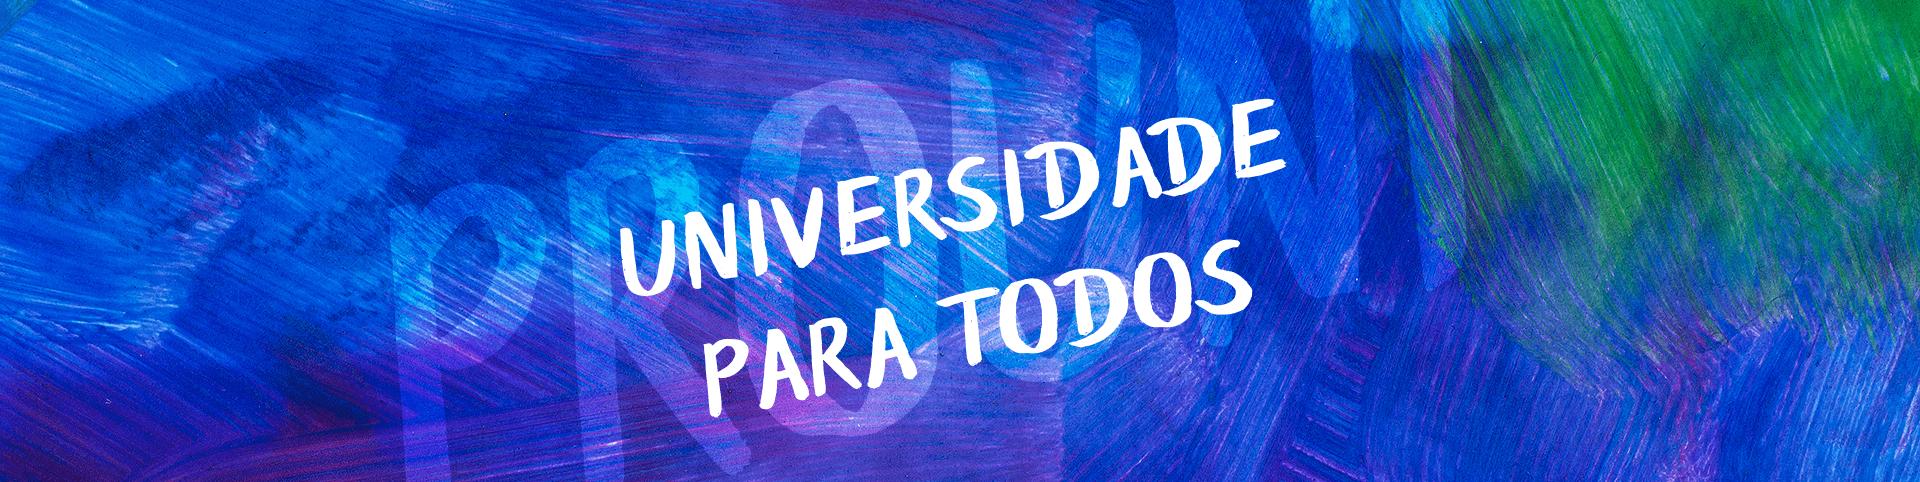 Banner universidade para todos fundo azul